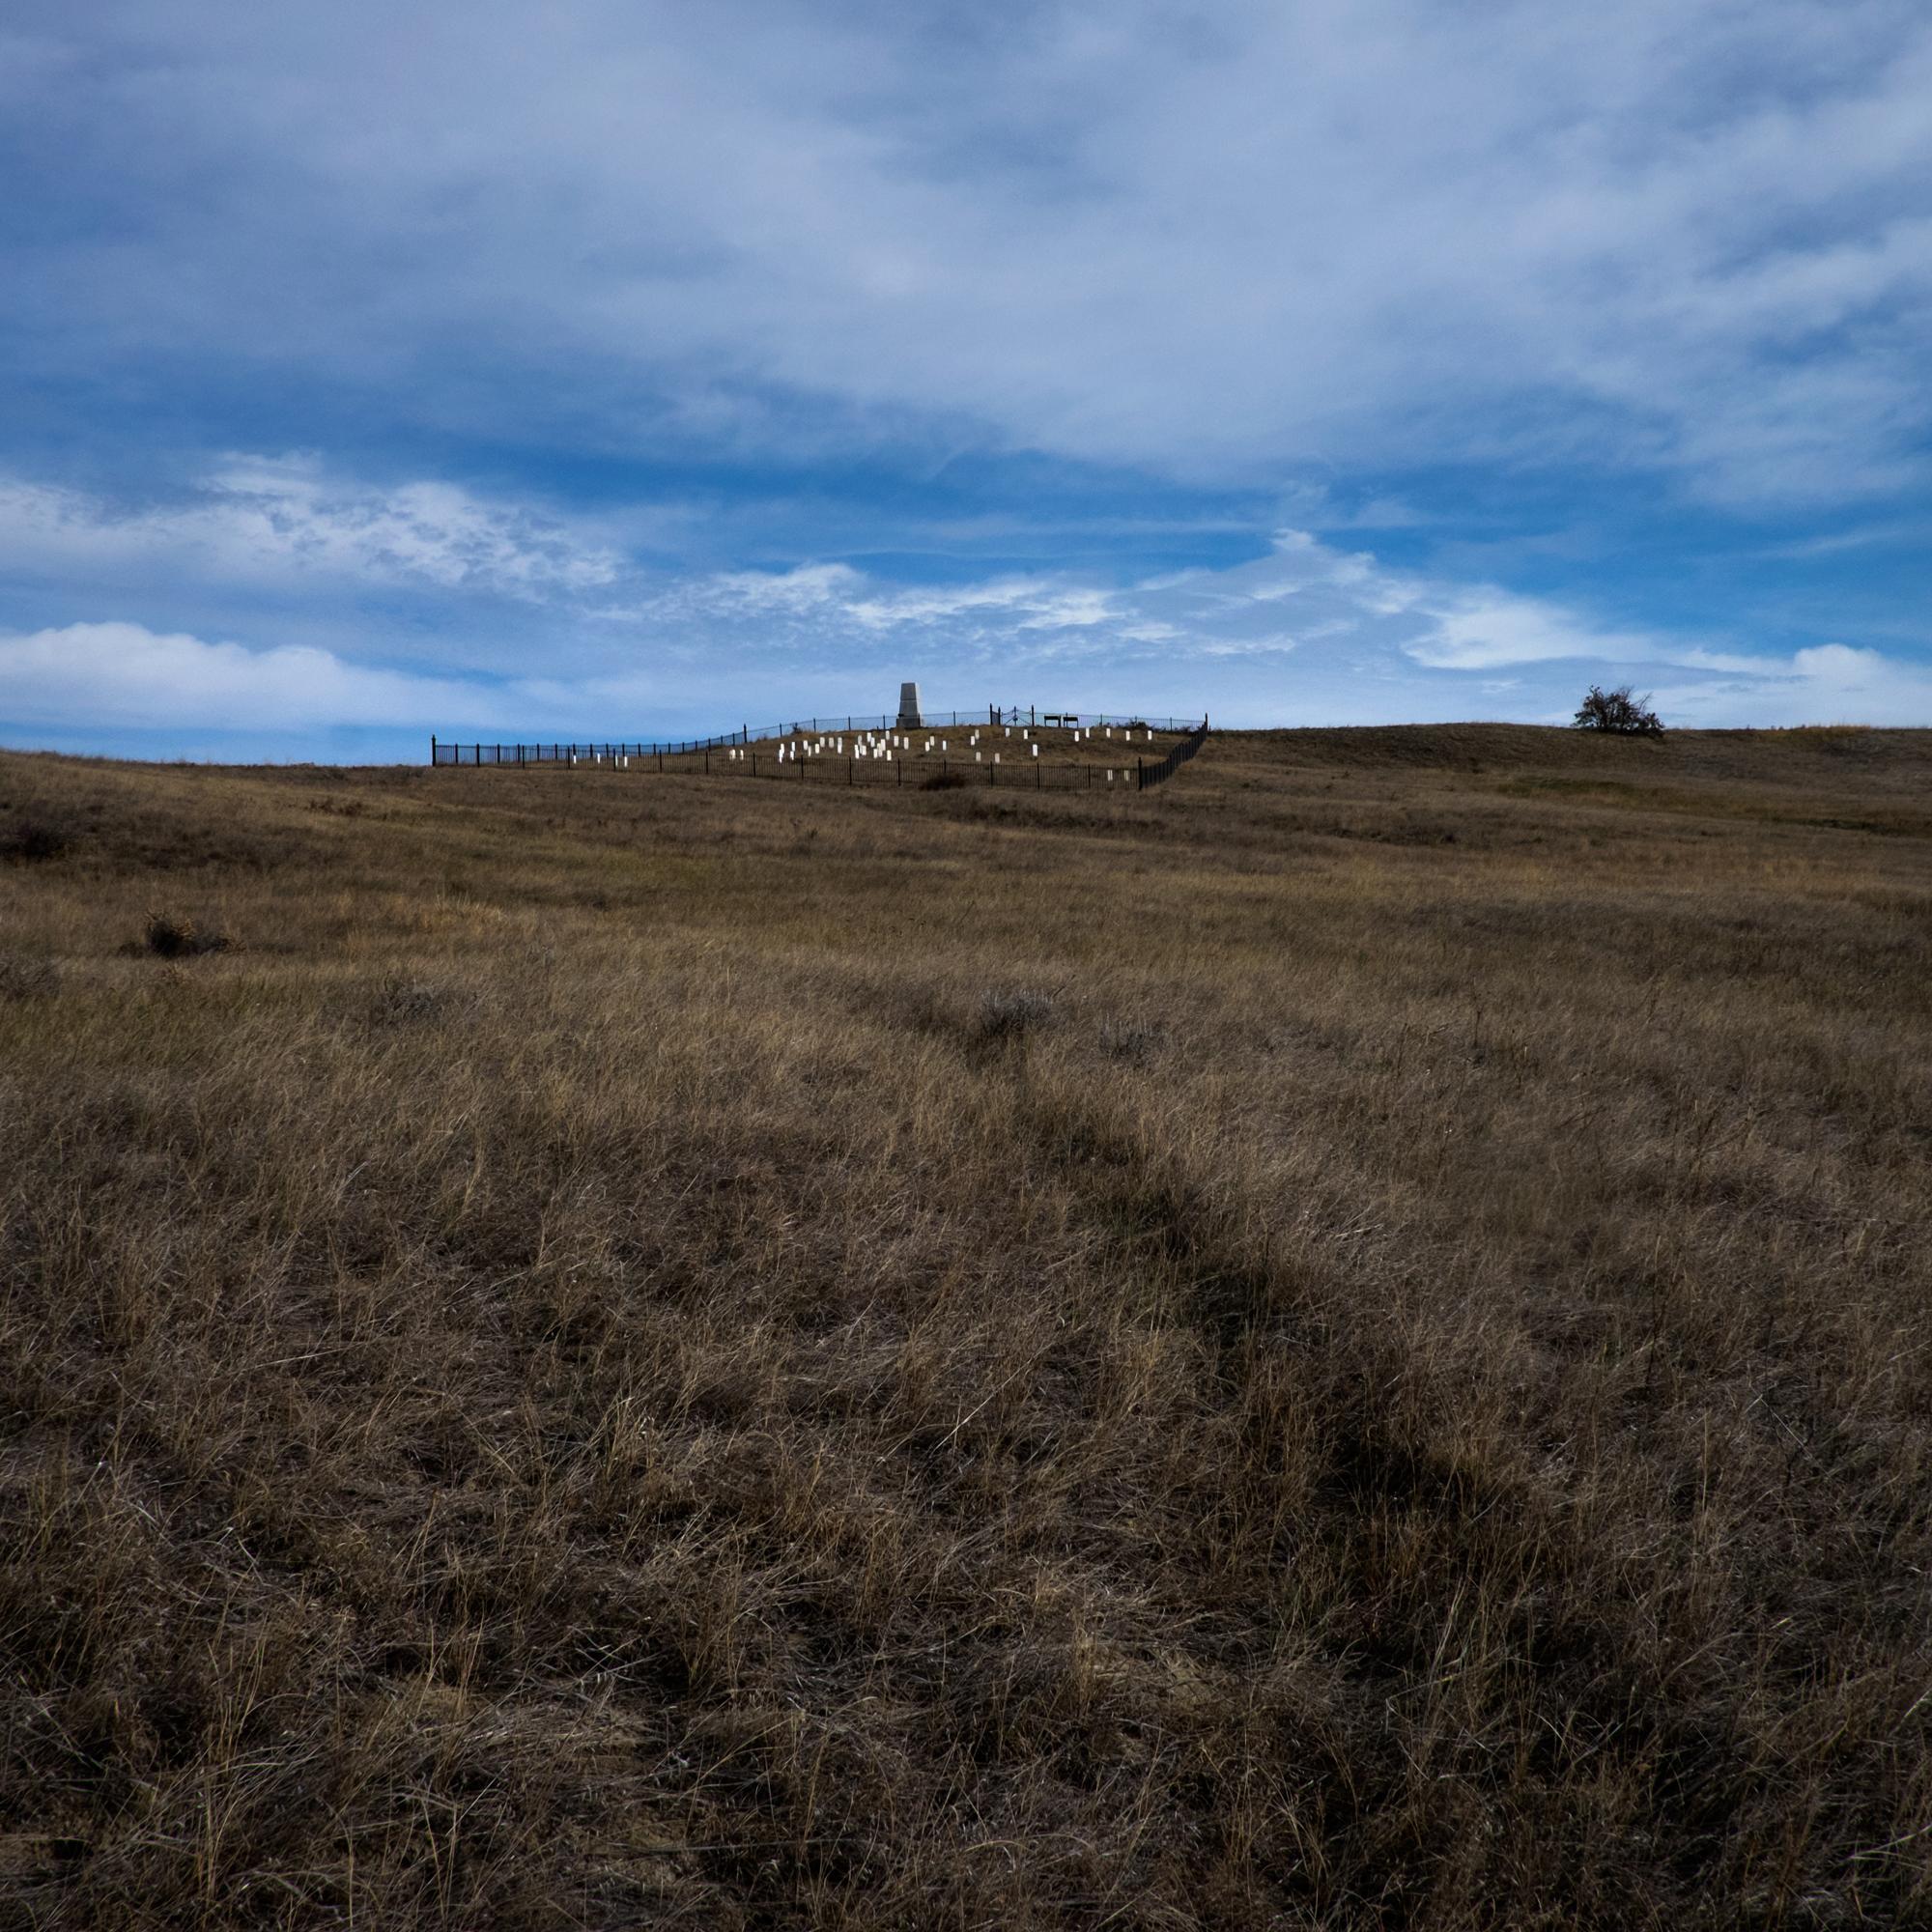 Last Stand Hill, Little Bighorn Battlefield Memorial, Hardin, Montana